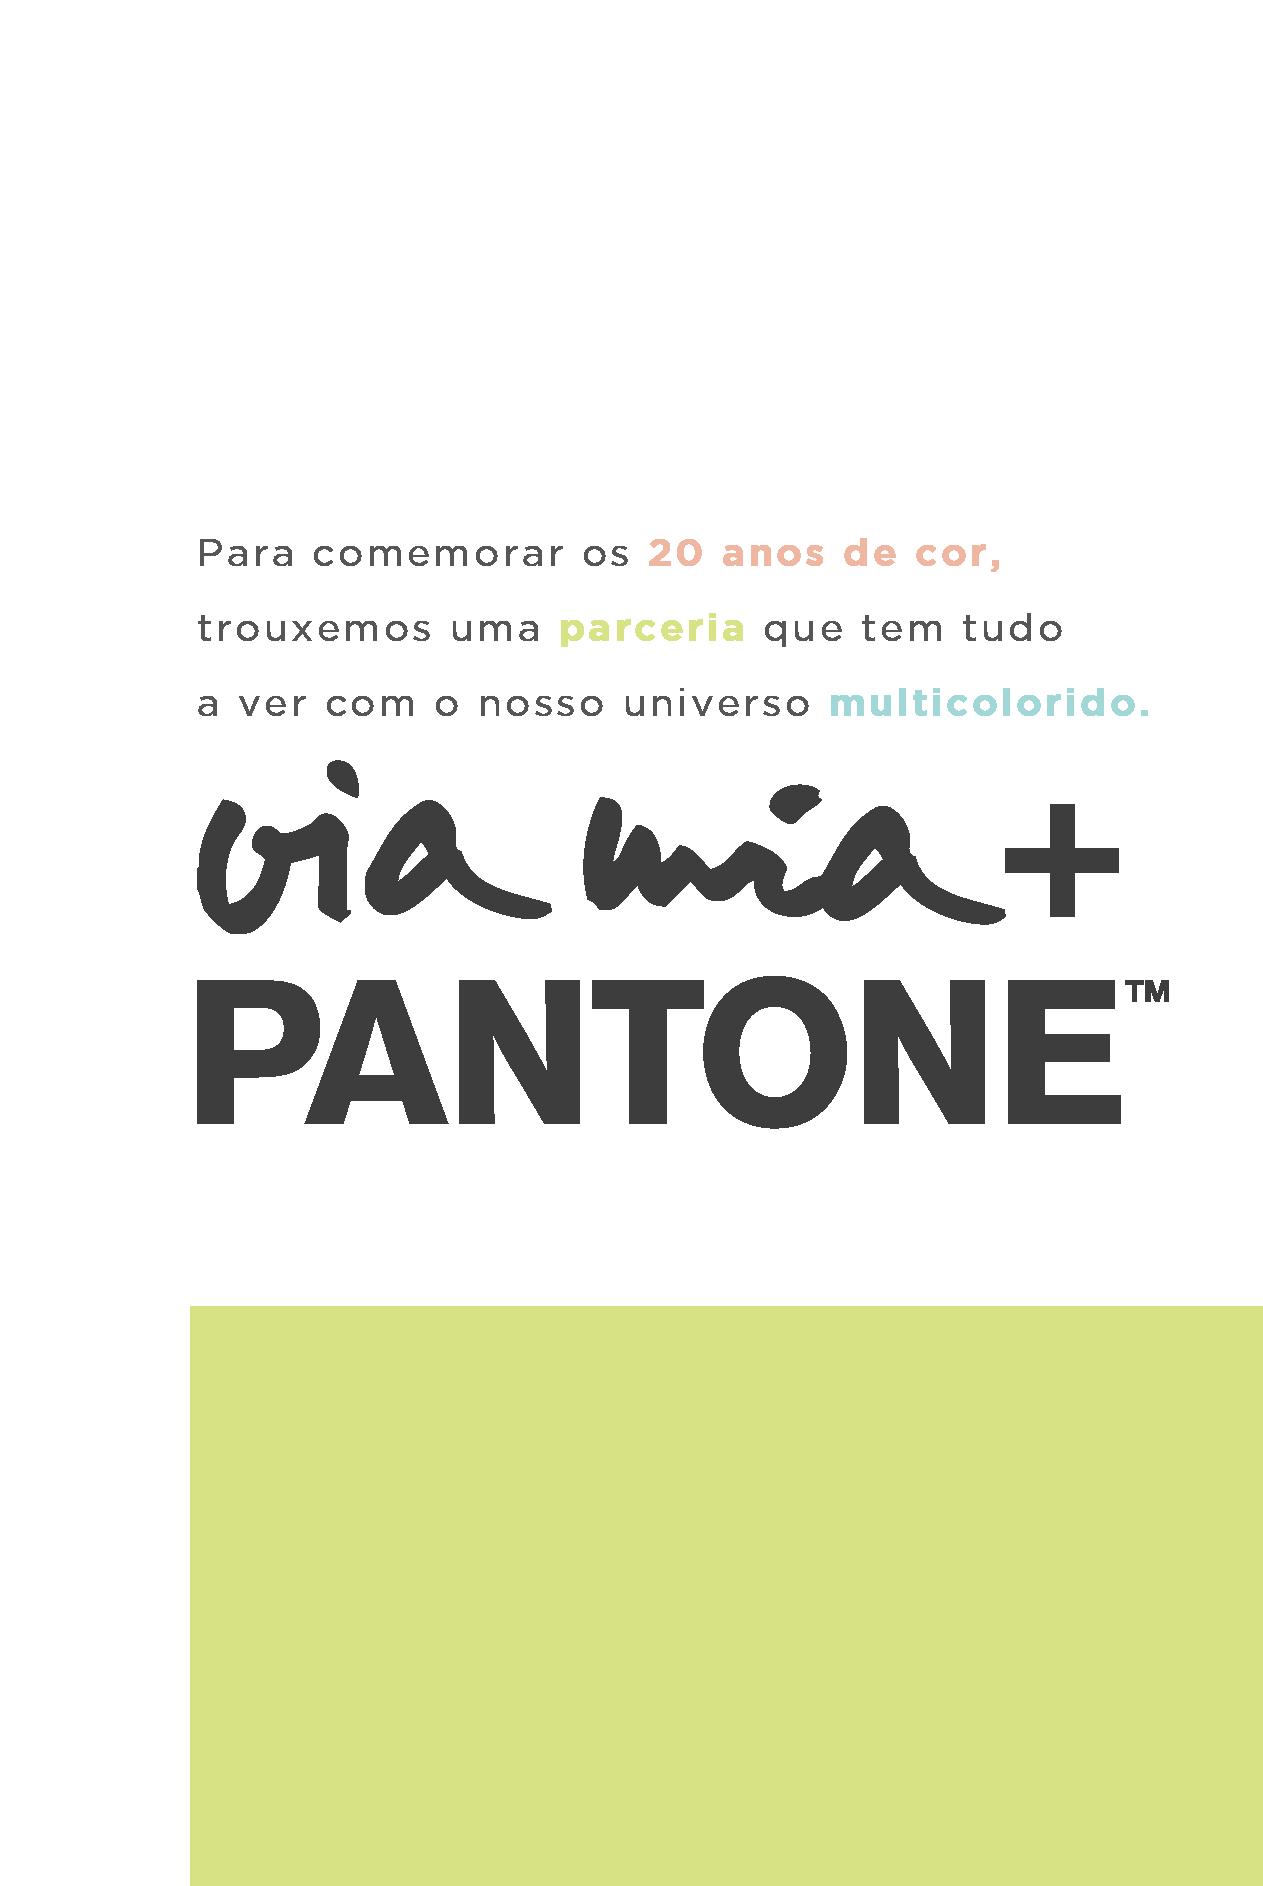 banner 2.1 pantone